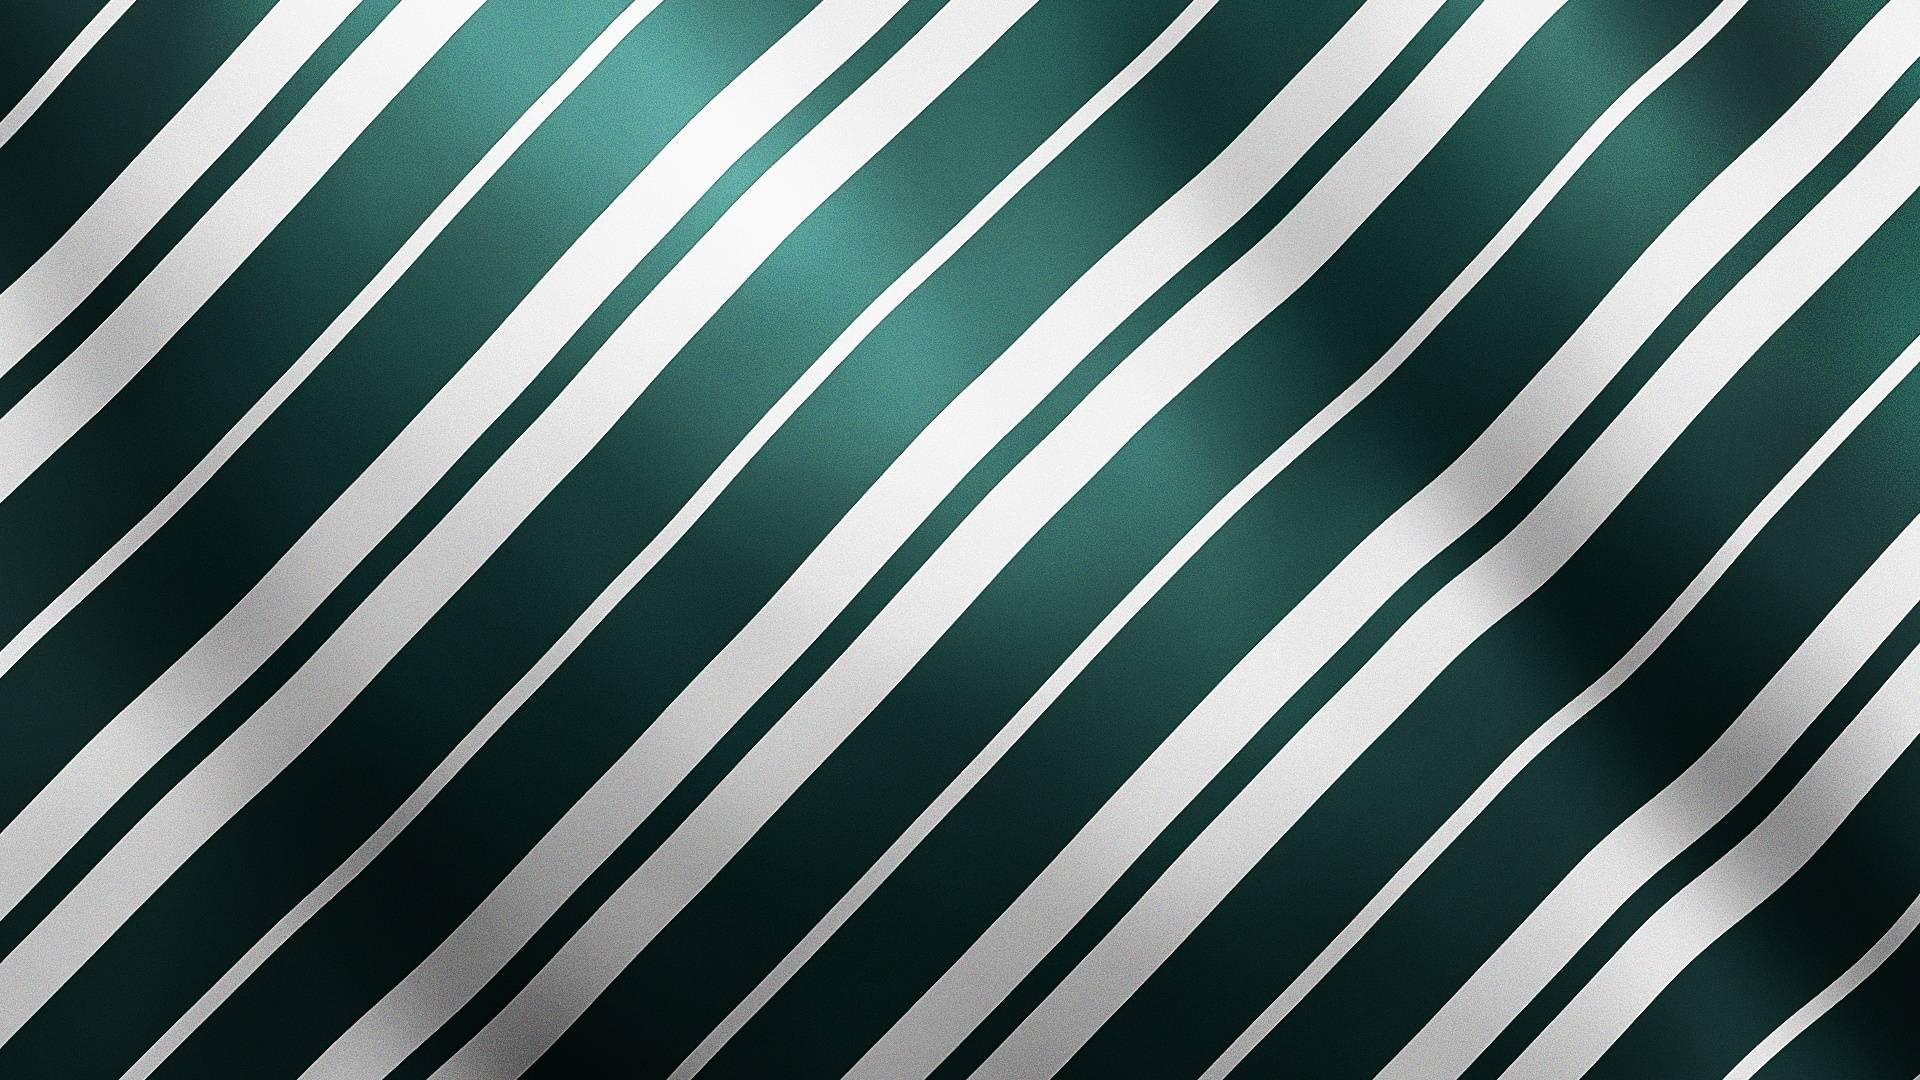 полосы, зеленый, фон